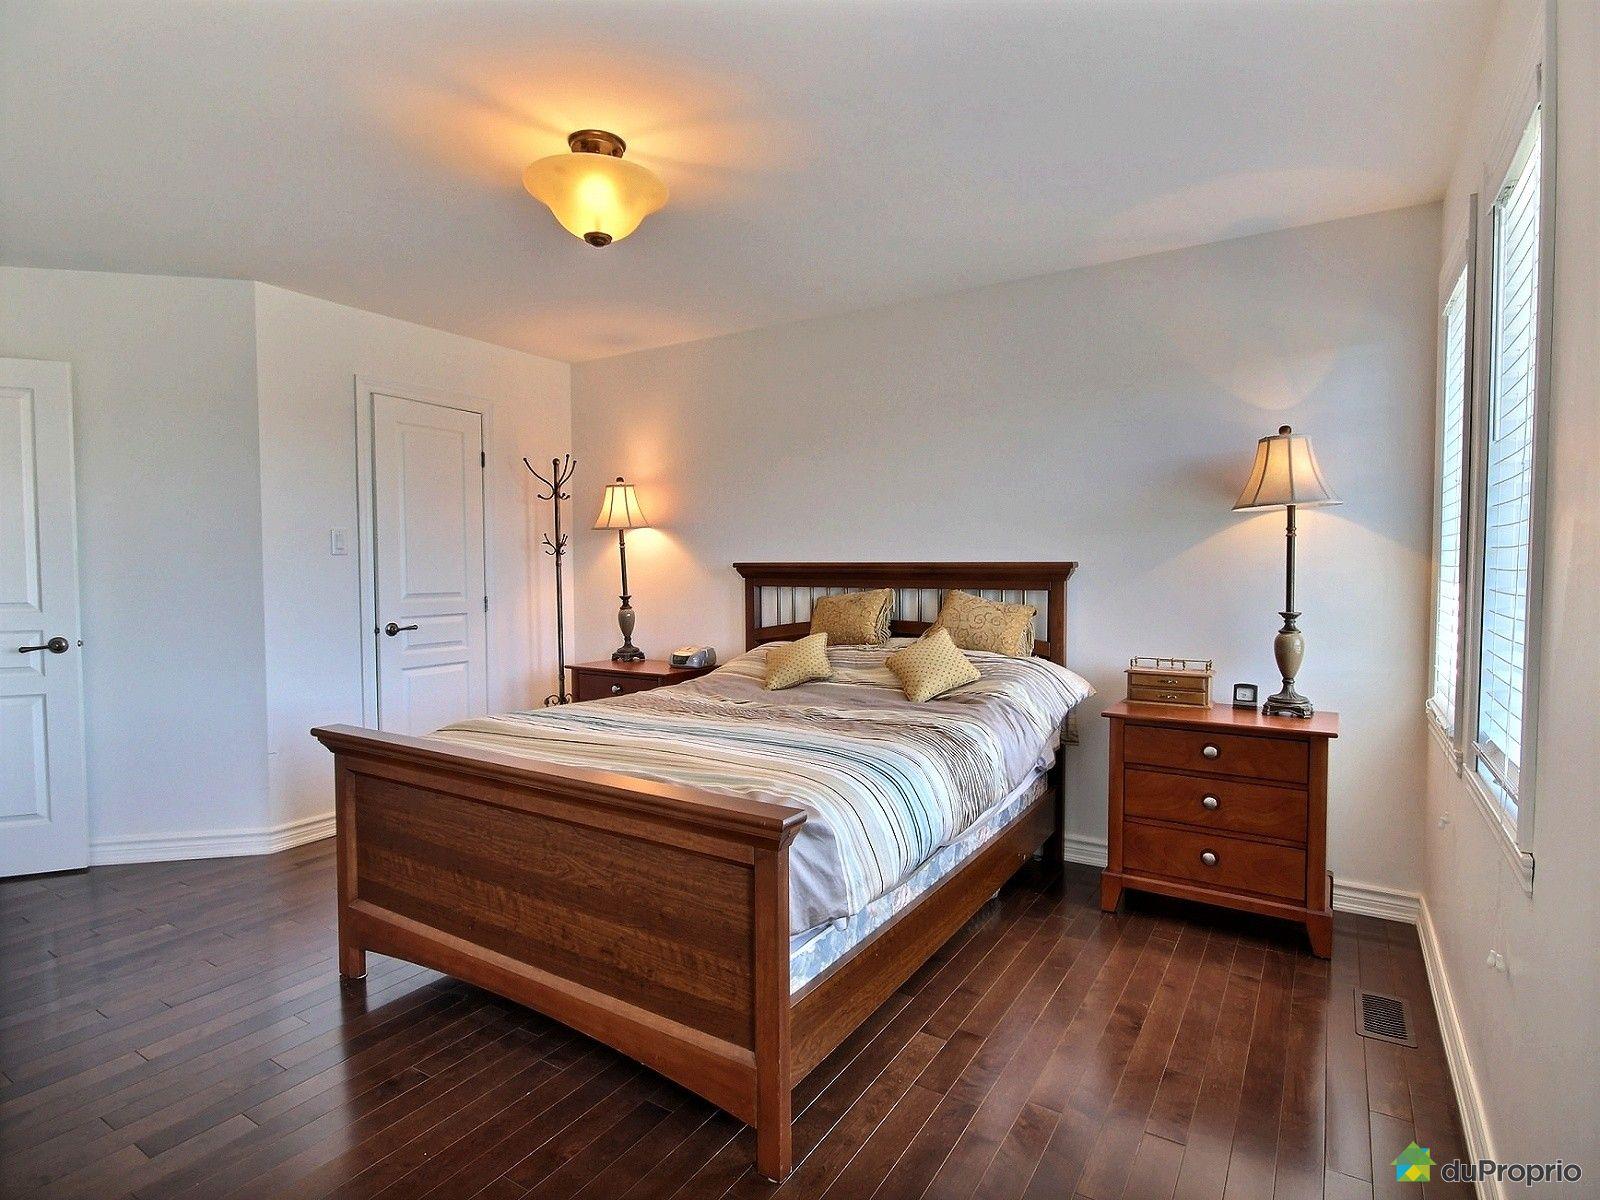 Maison vendre mirabel 17175 rue andr pr vost for Chambre de commerce mirabel